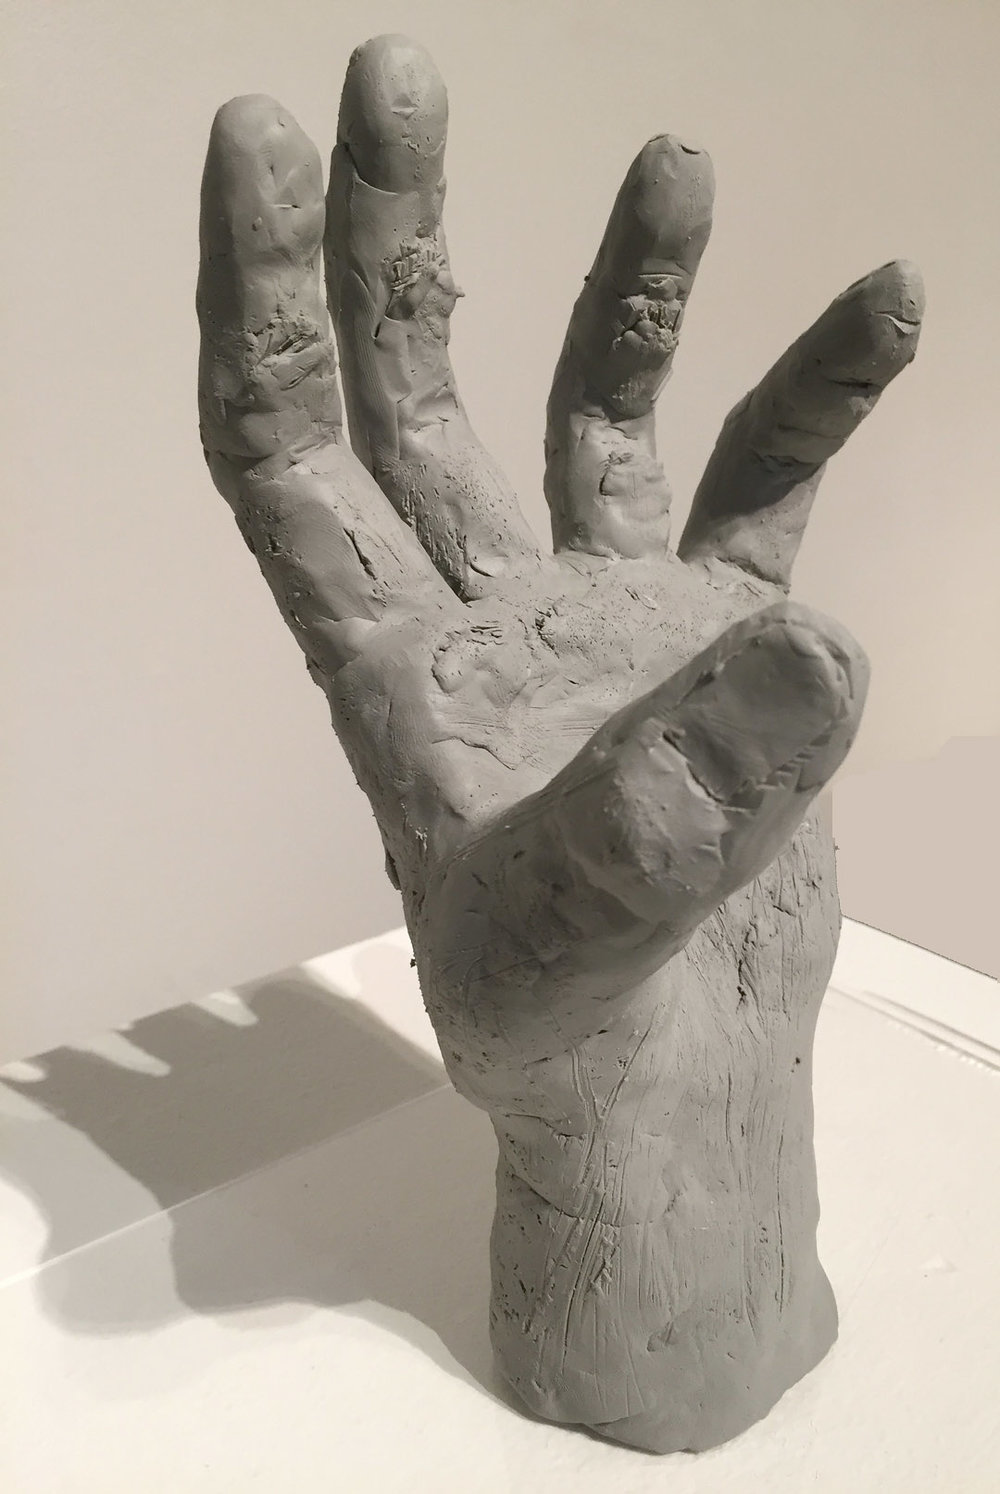 Hand Sculpture   Kiyu Fukagawa